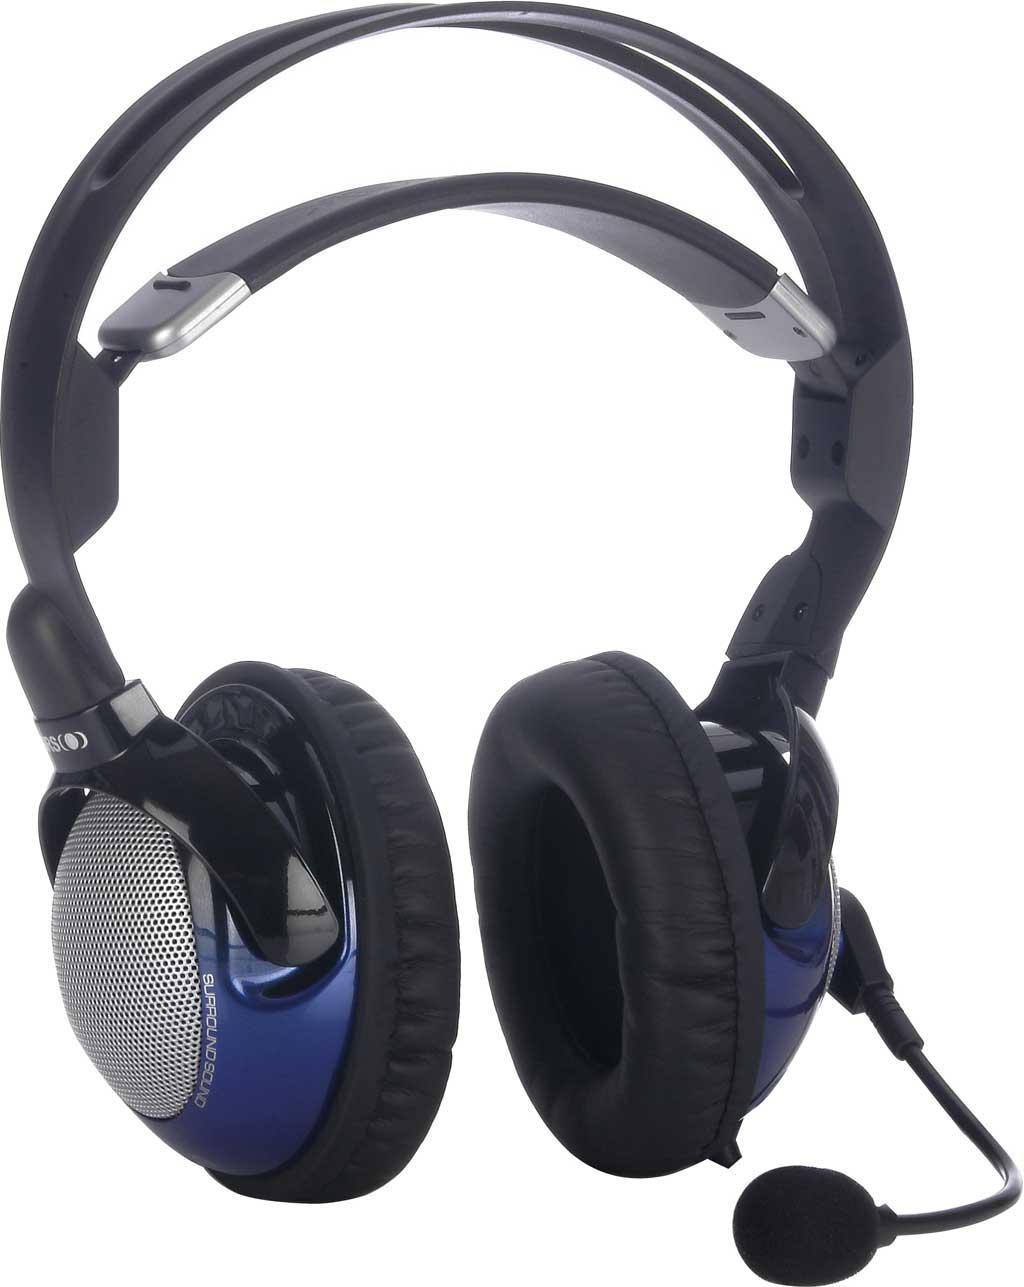 GH50 Surround Sound Headset